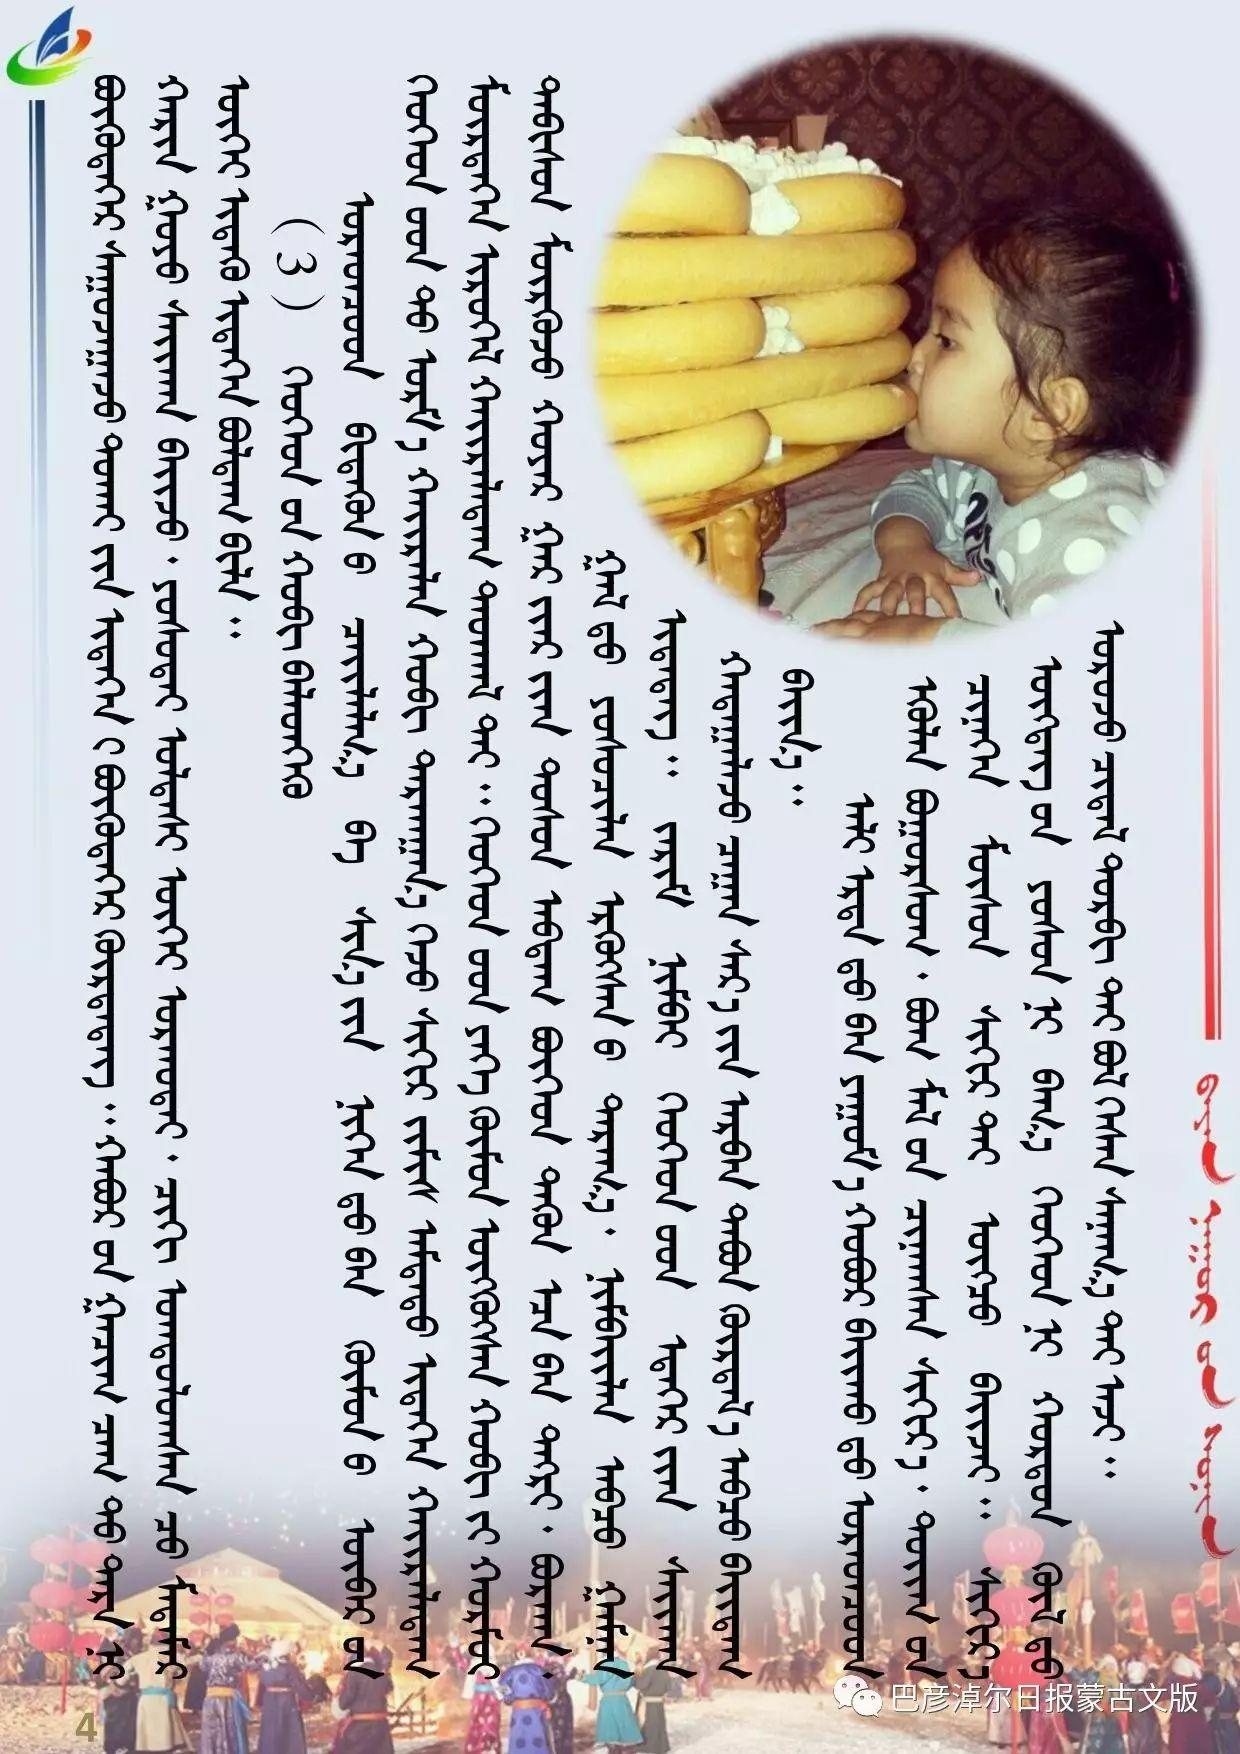 """【民俗】乌拉特蒙古族如何装饰""""金吉"""" 第4张 【民俗】乌拉特蒙古族如何装饰""""金吉"""" 蒙古文库"""